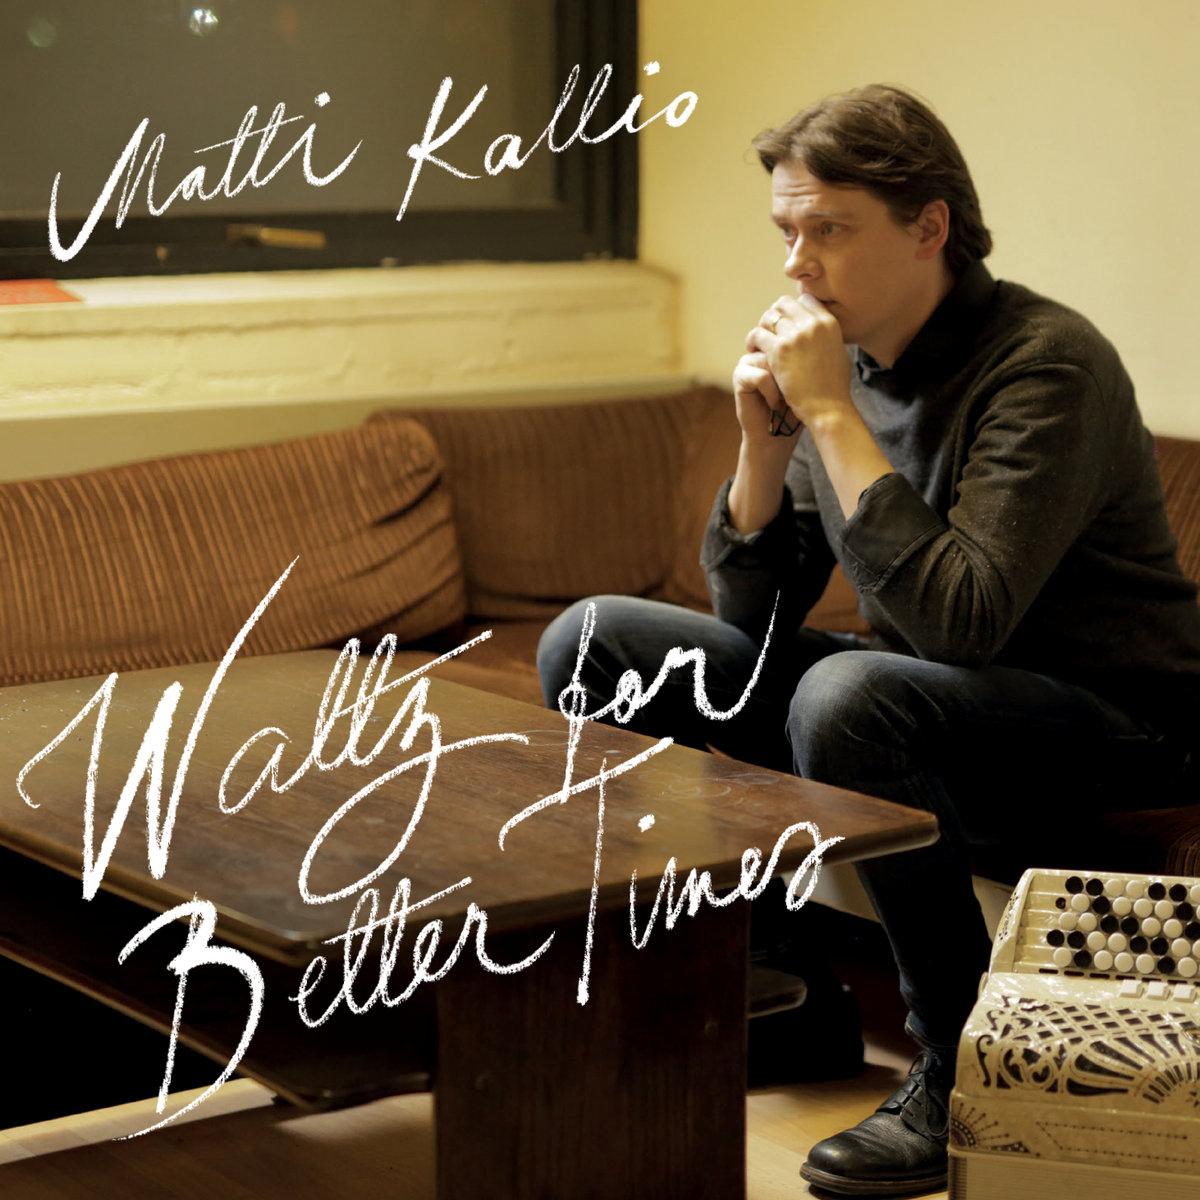 Bildergebnis für Waltz for Better Times